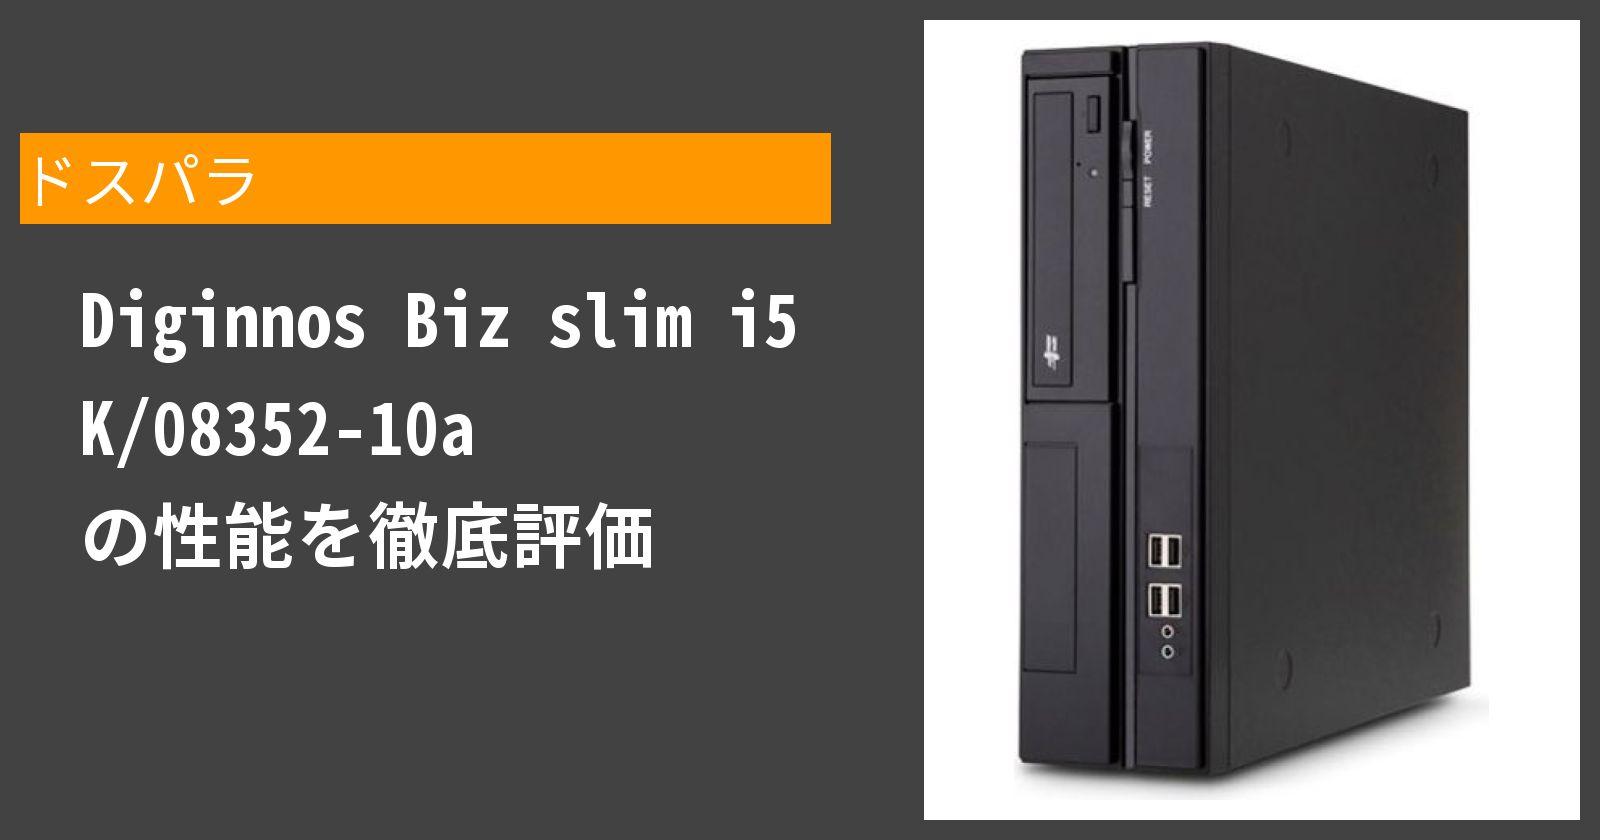 Diginnos Biz slim i5 K/08352-10a の性能を徹底評価